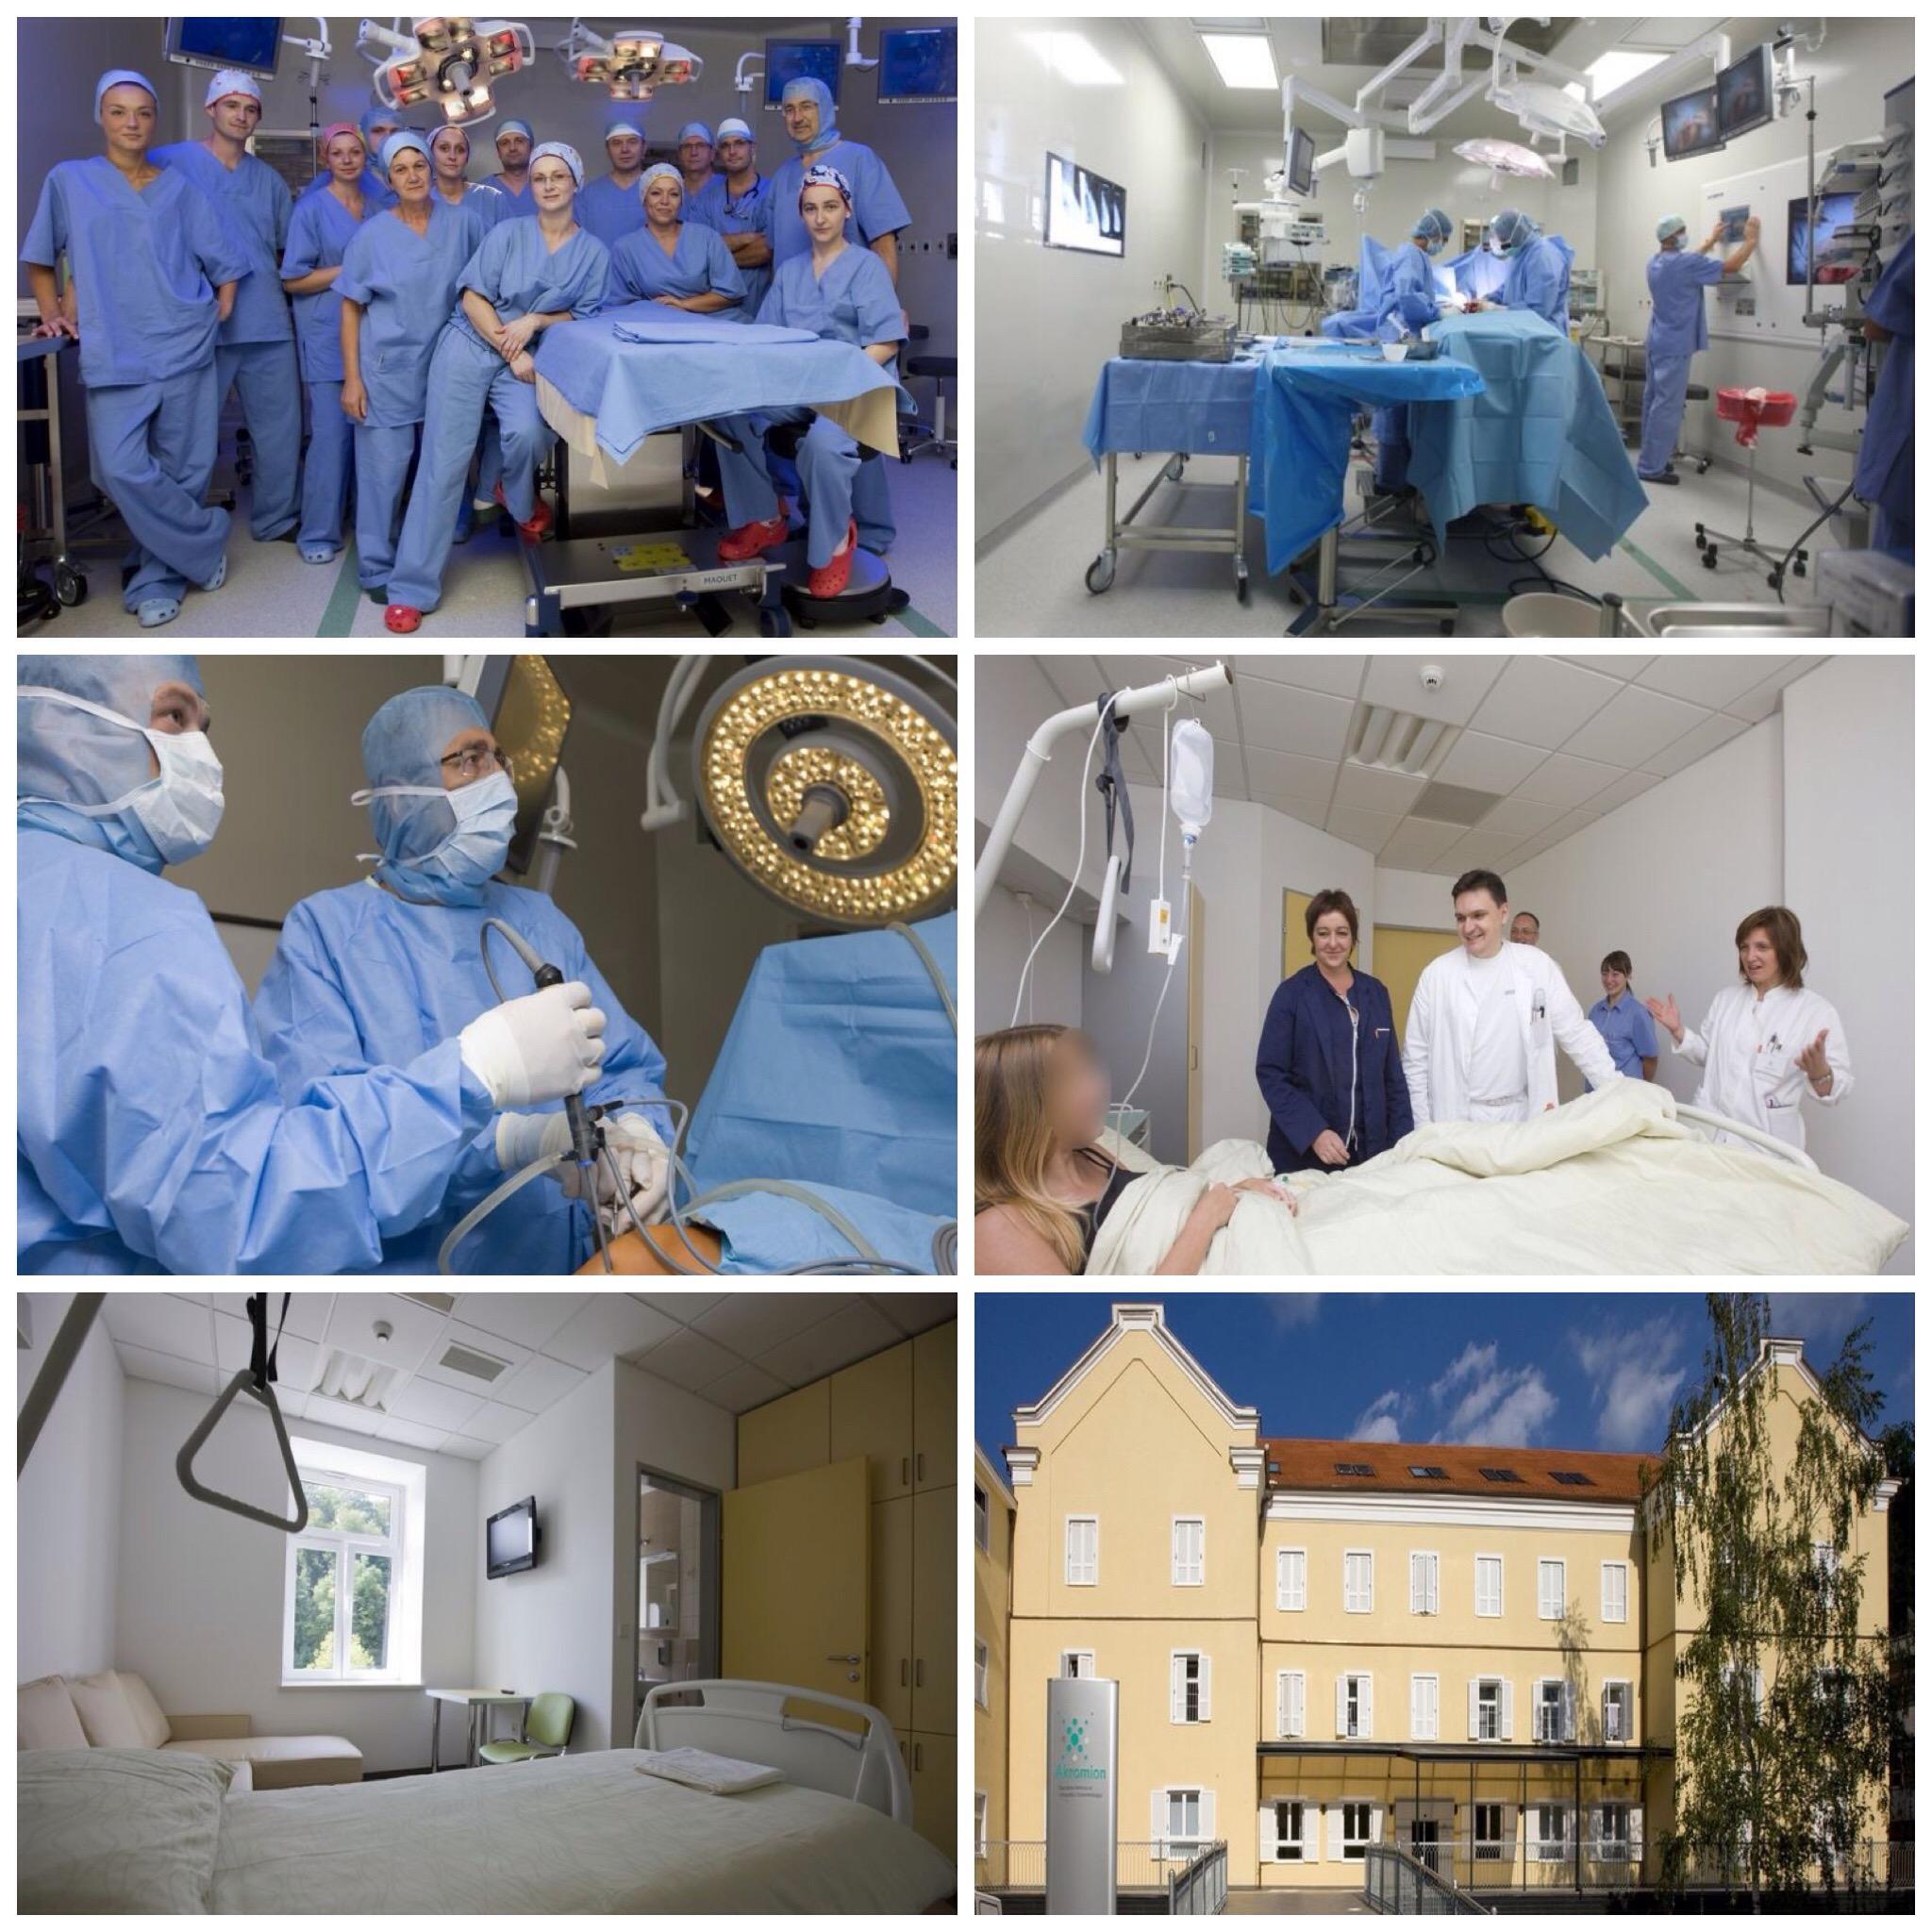 Эндопротезирование в Хорватии, все виды ортопедических операций (крупнейшая частная ортопедическая клиника)